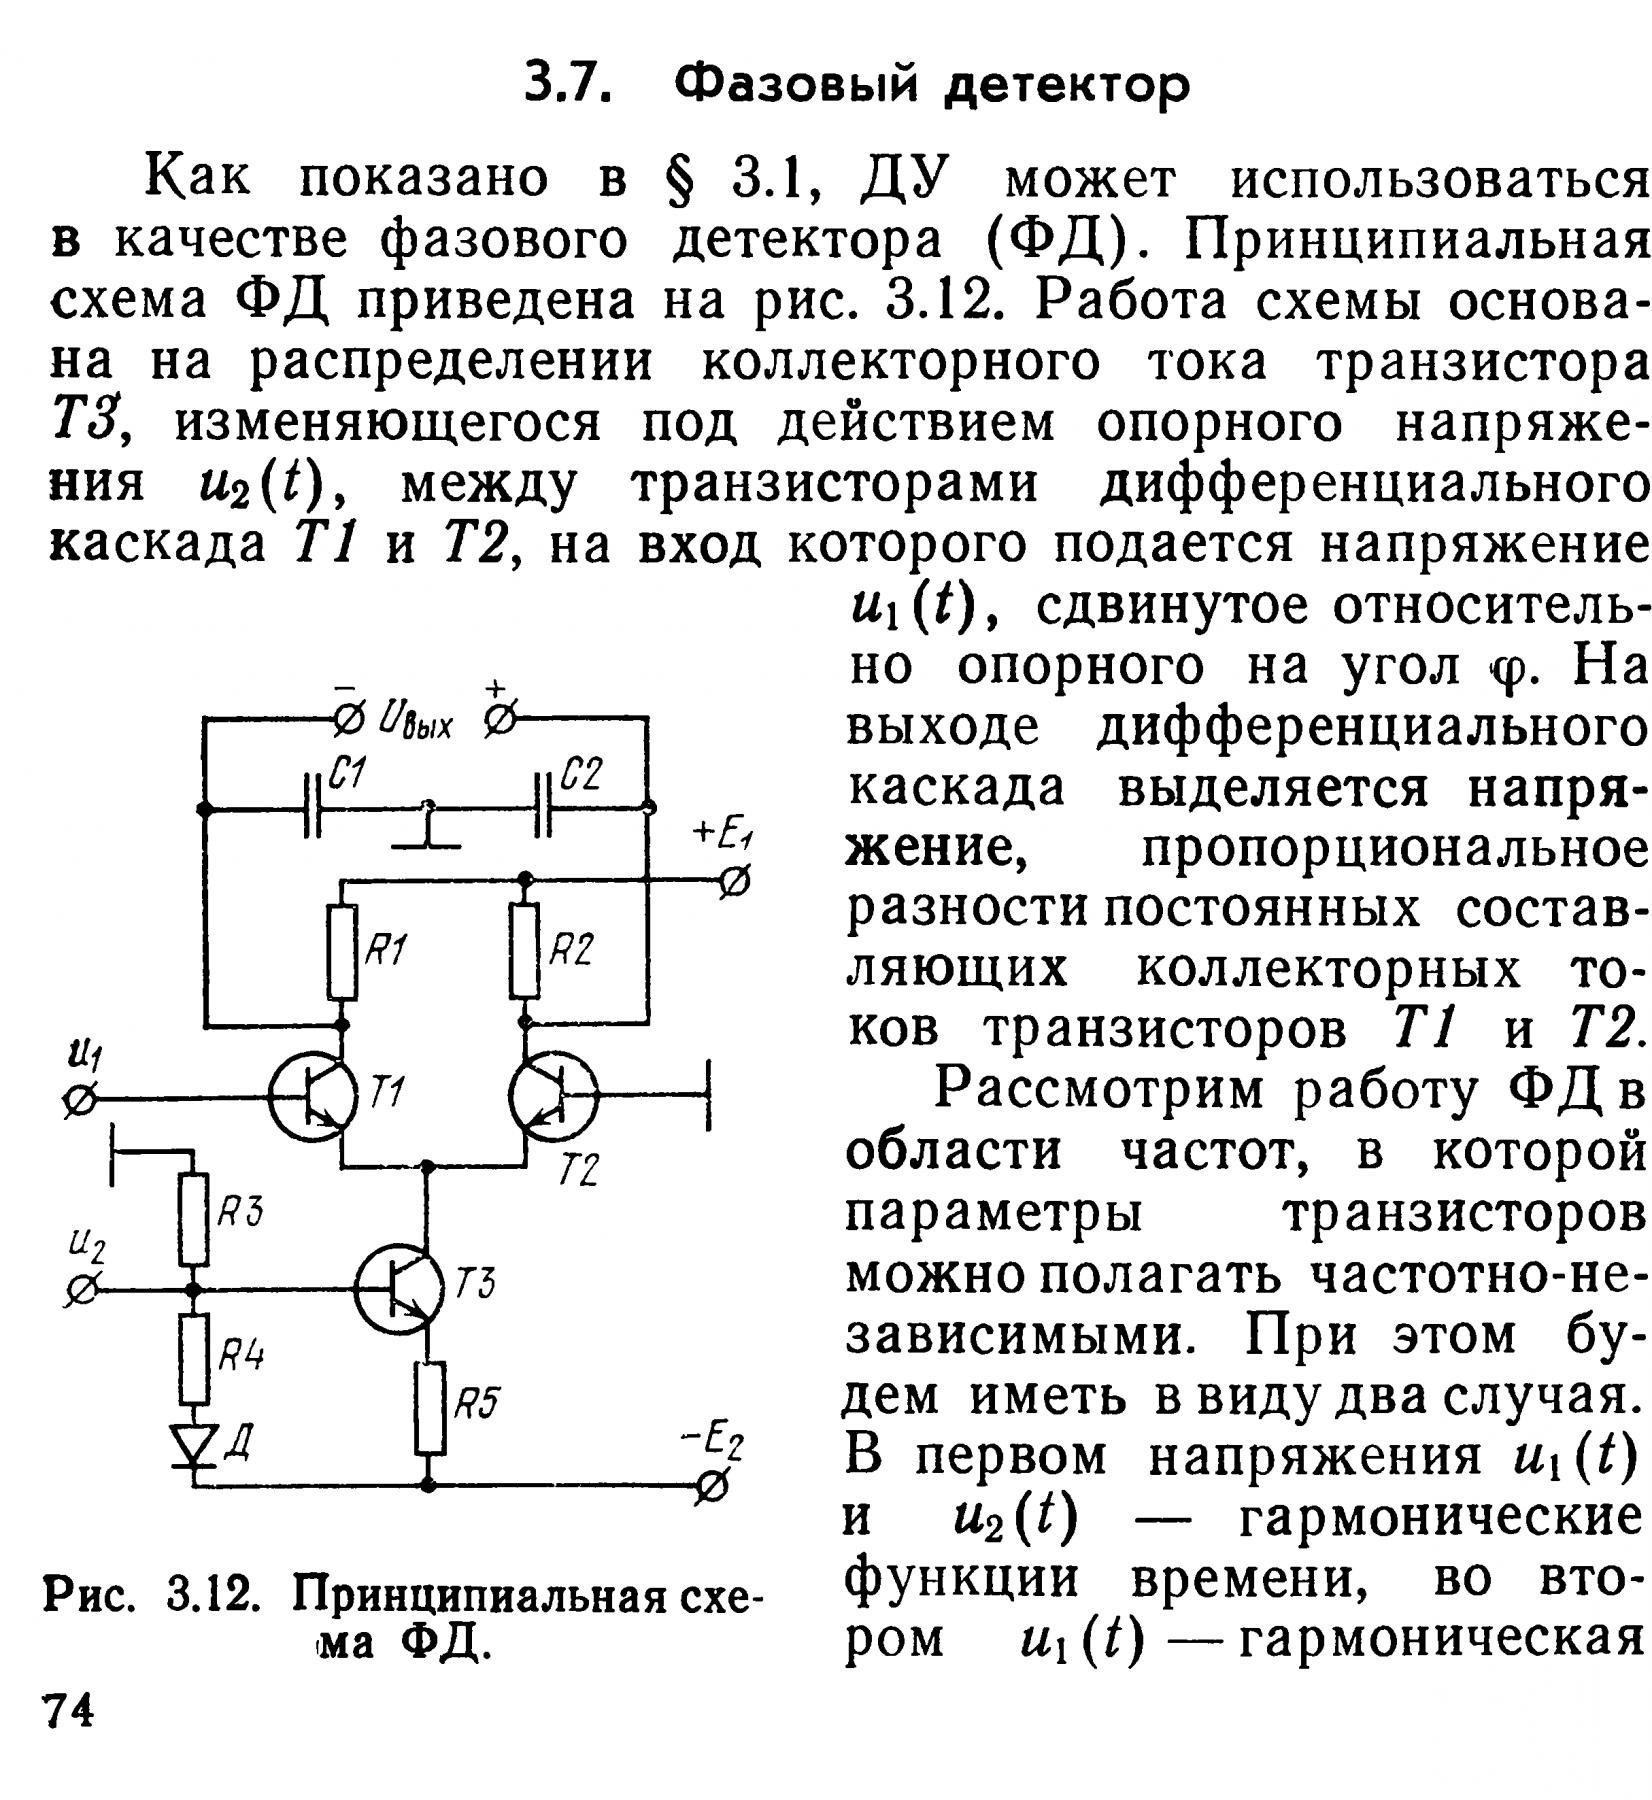 Схема работы детекторов